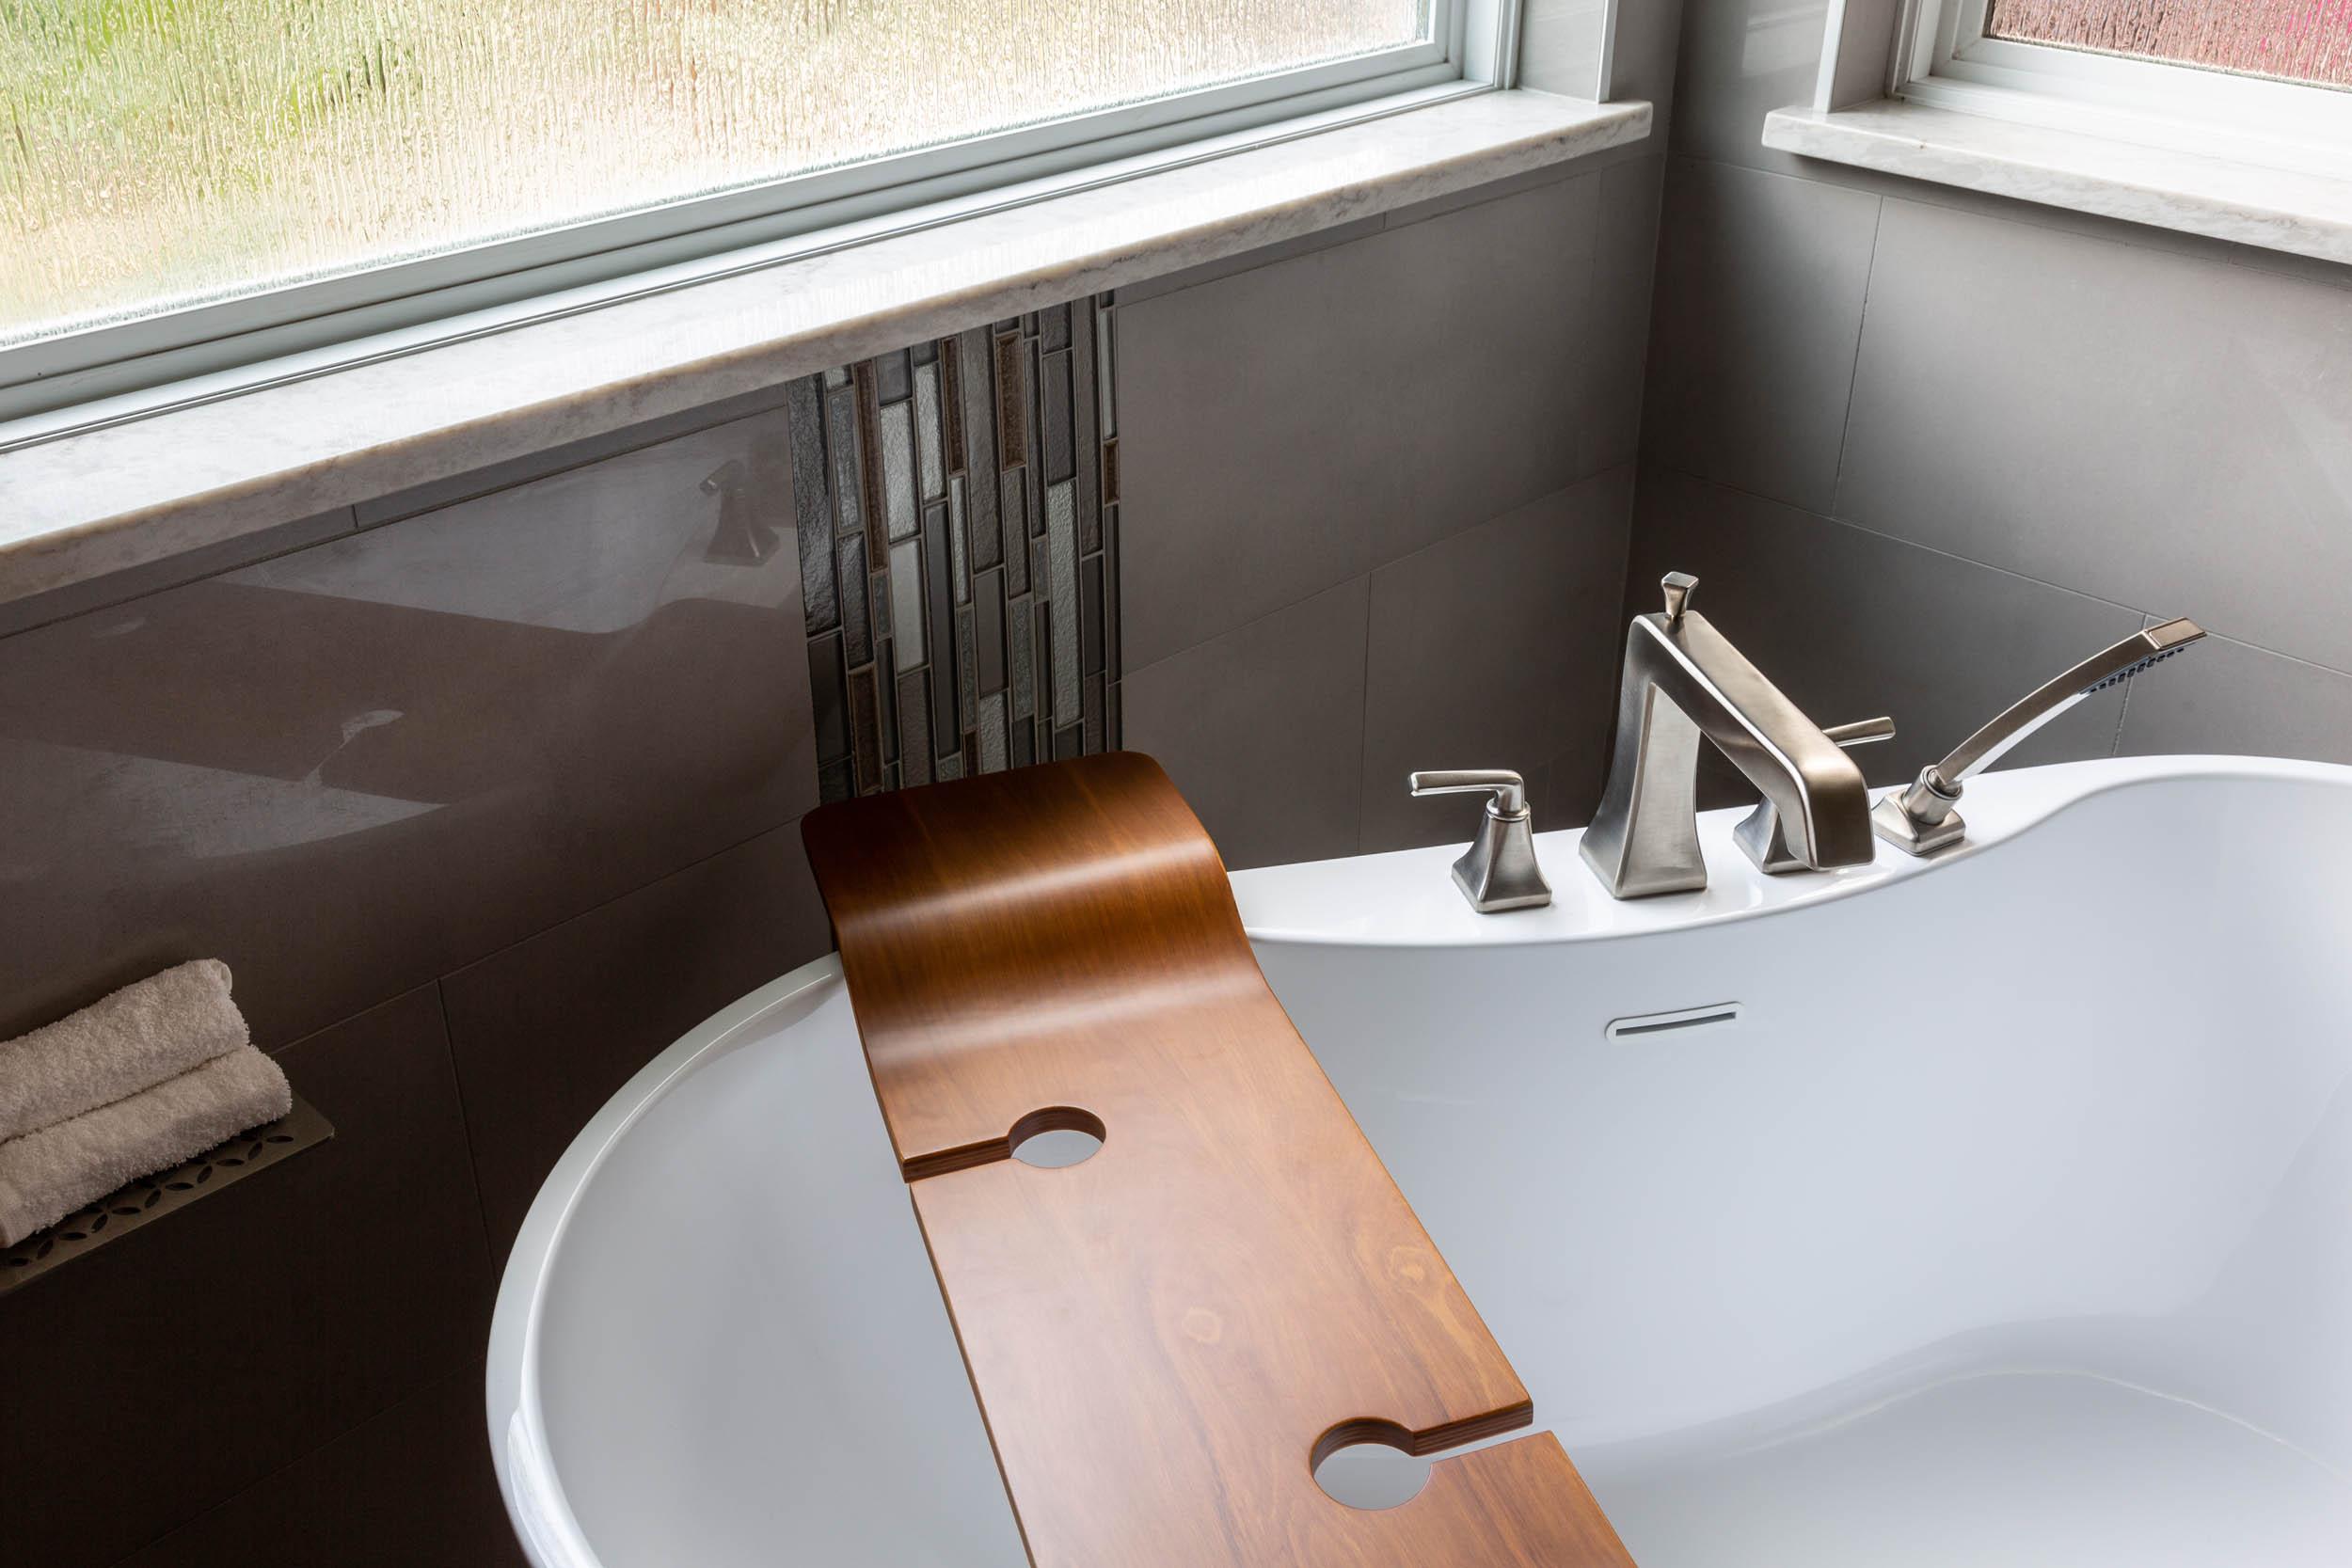 Luxurious bathtub in bathroom remodel